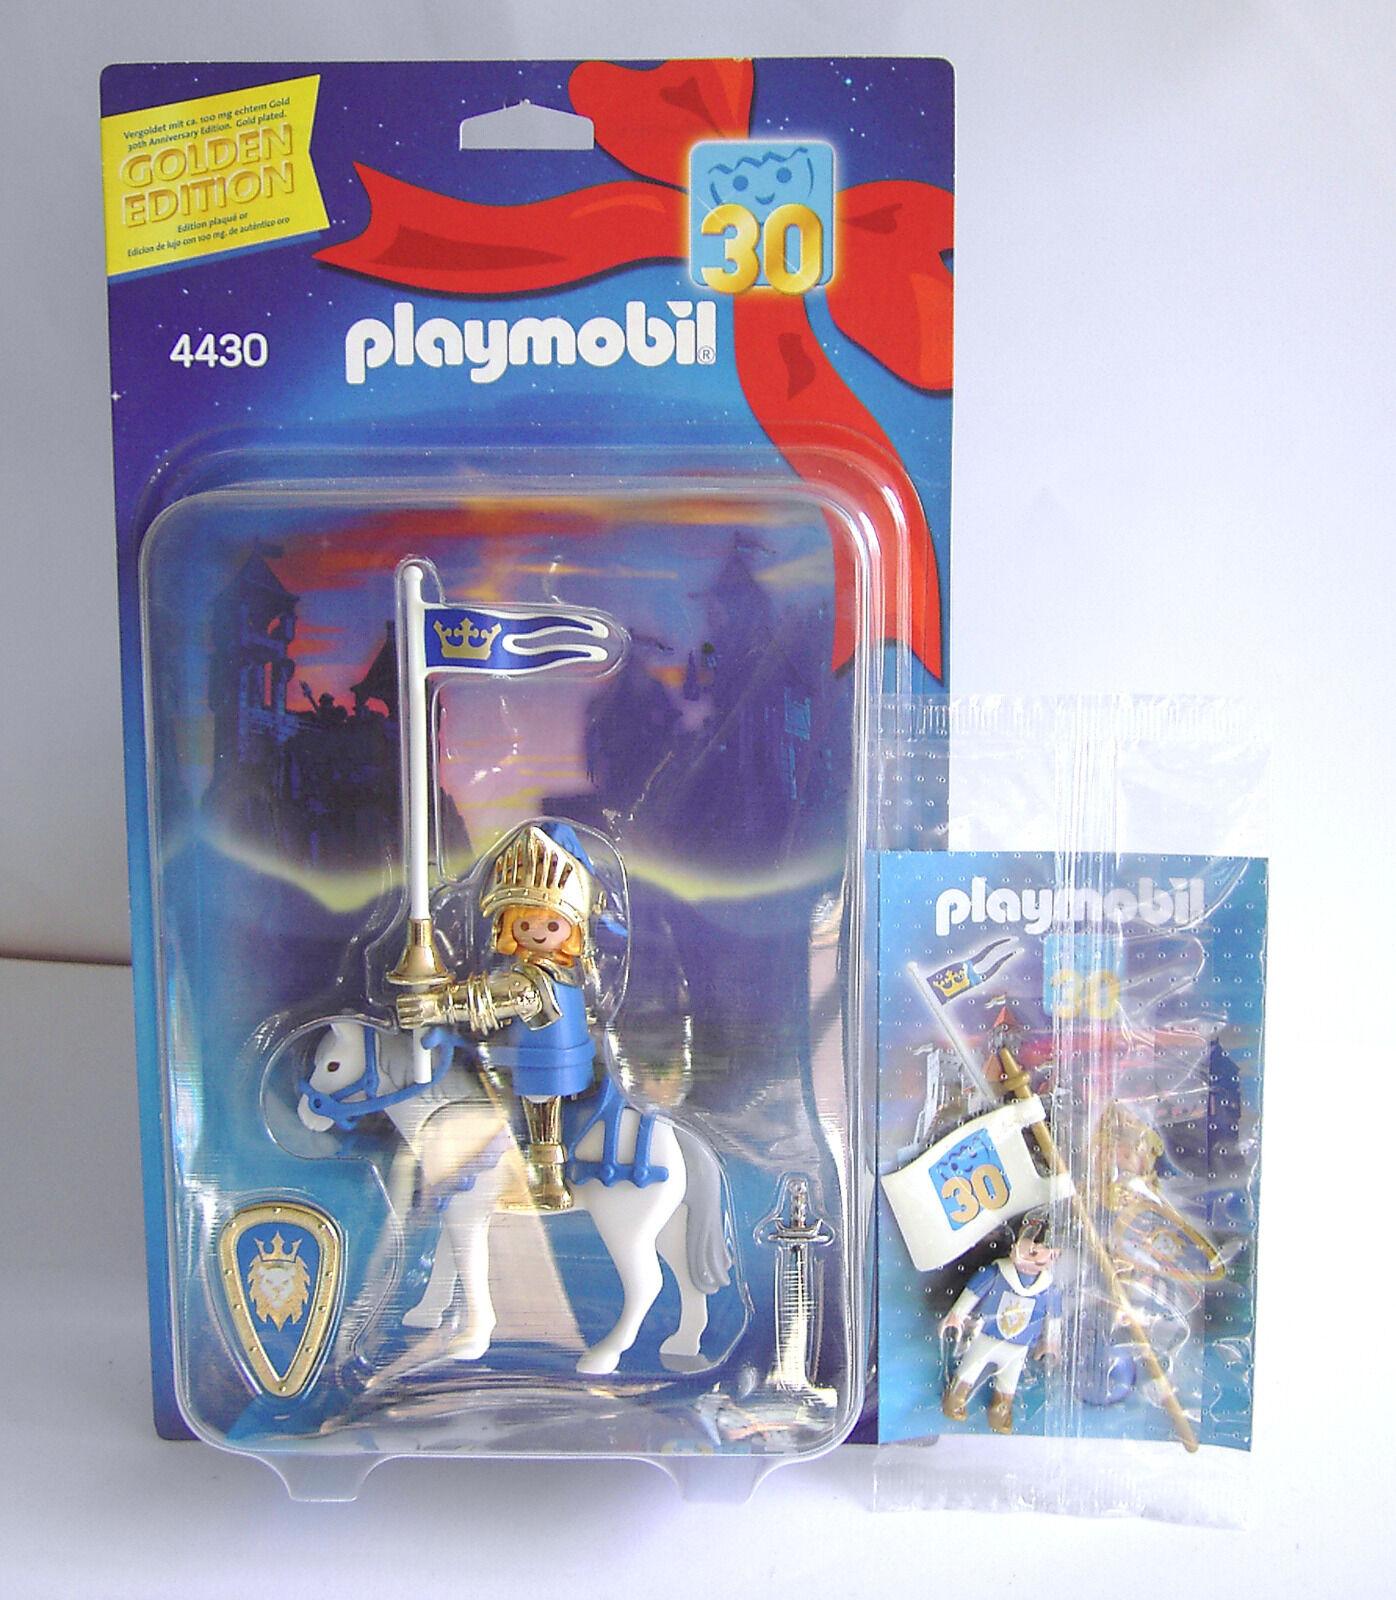 Playmobil 4430 Goldener Ritter 30 Edition + Knappe Prinz echt Gold RAR NEU OVP